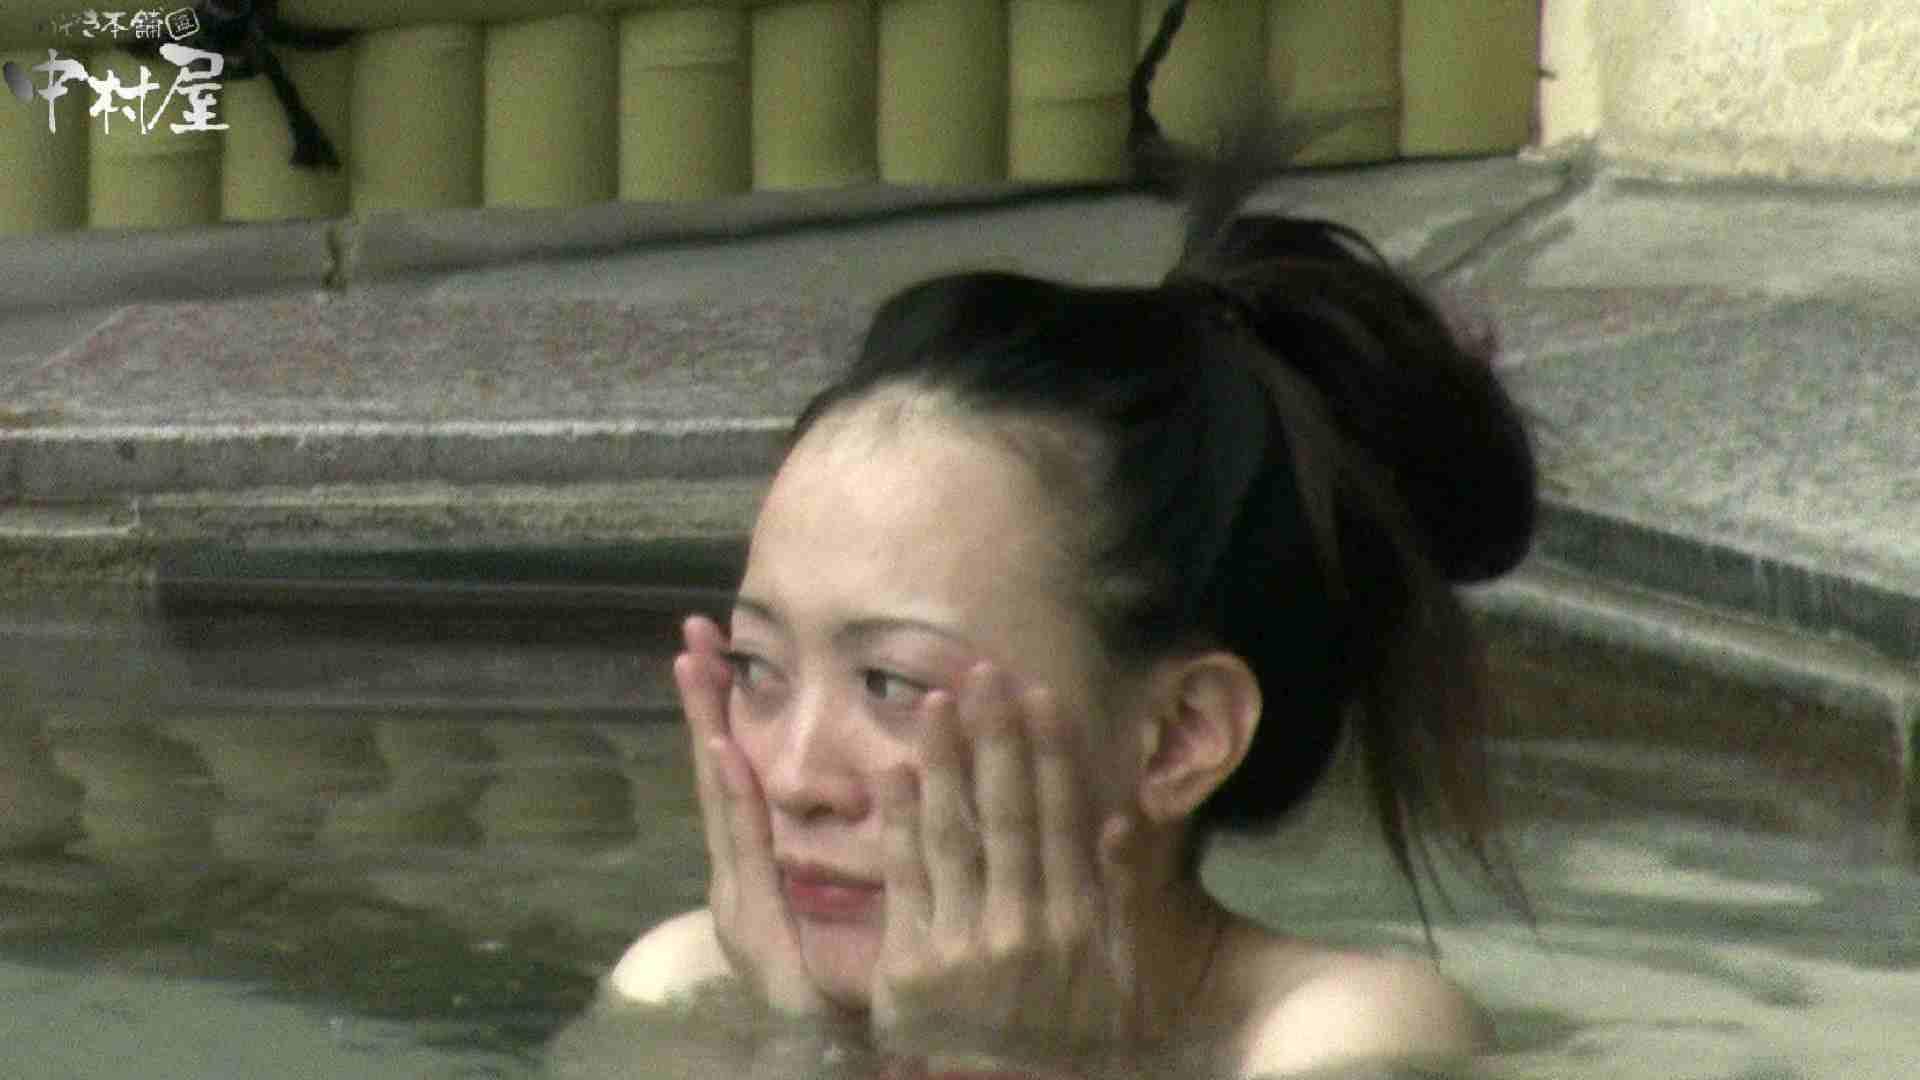 Aquaな露天風呂Vol.900 盗撮シリーズ  110PIX 28